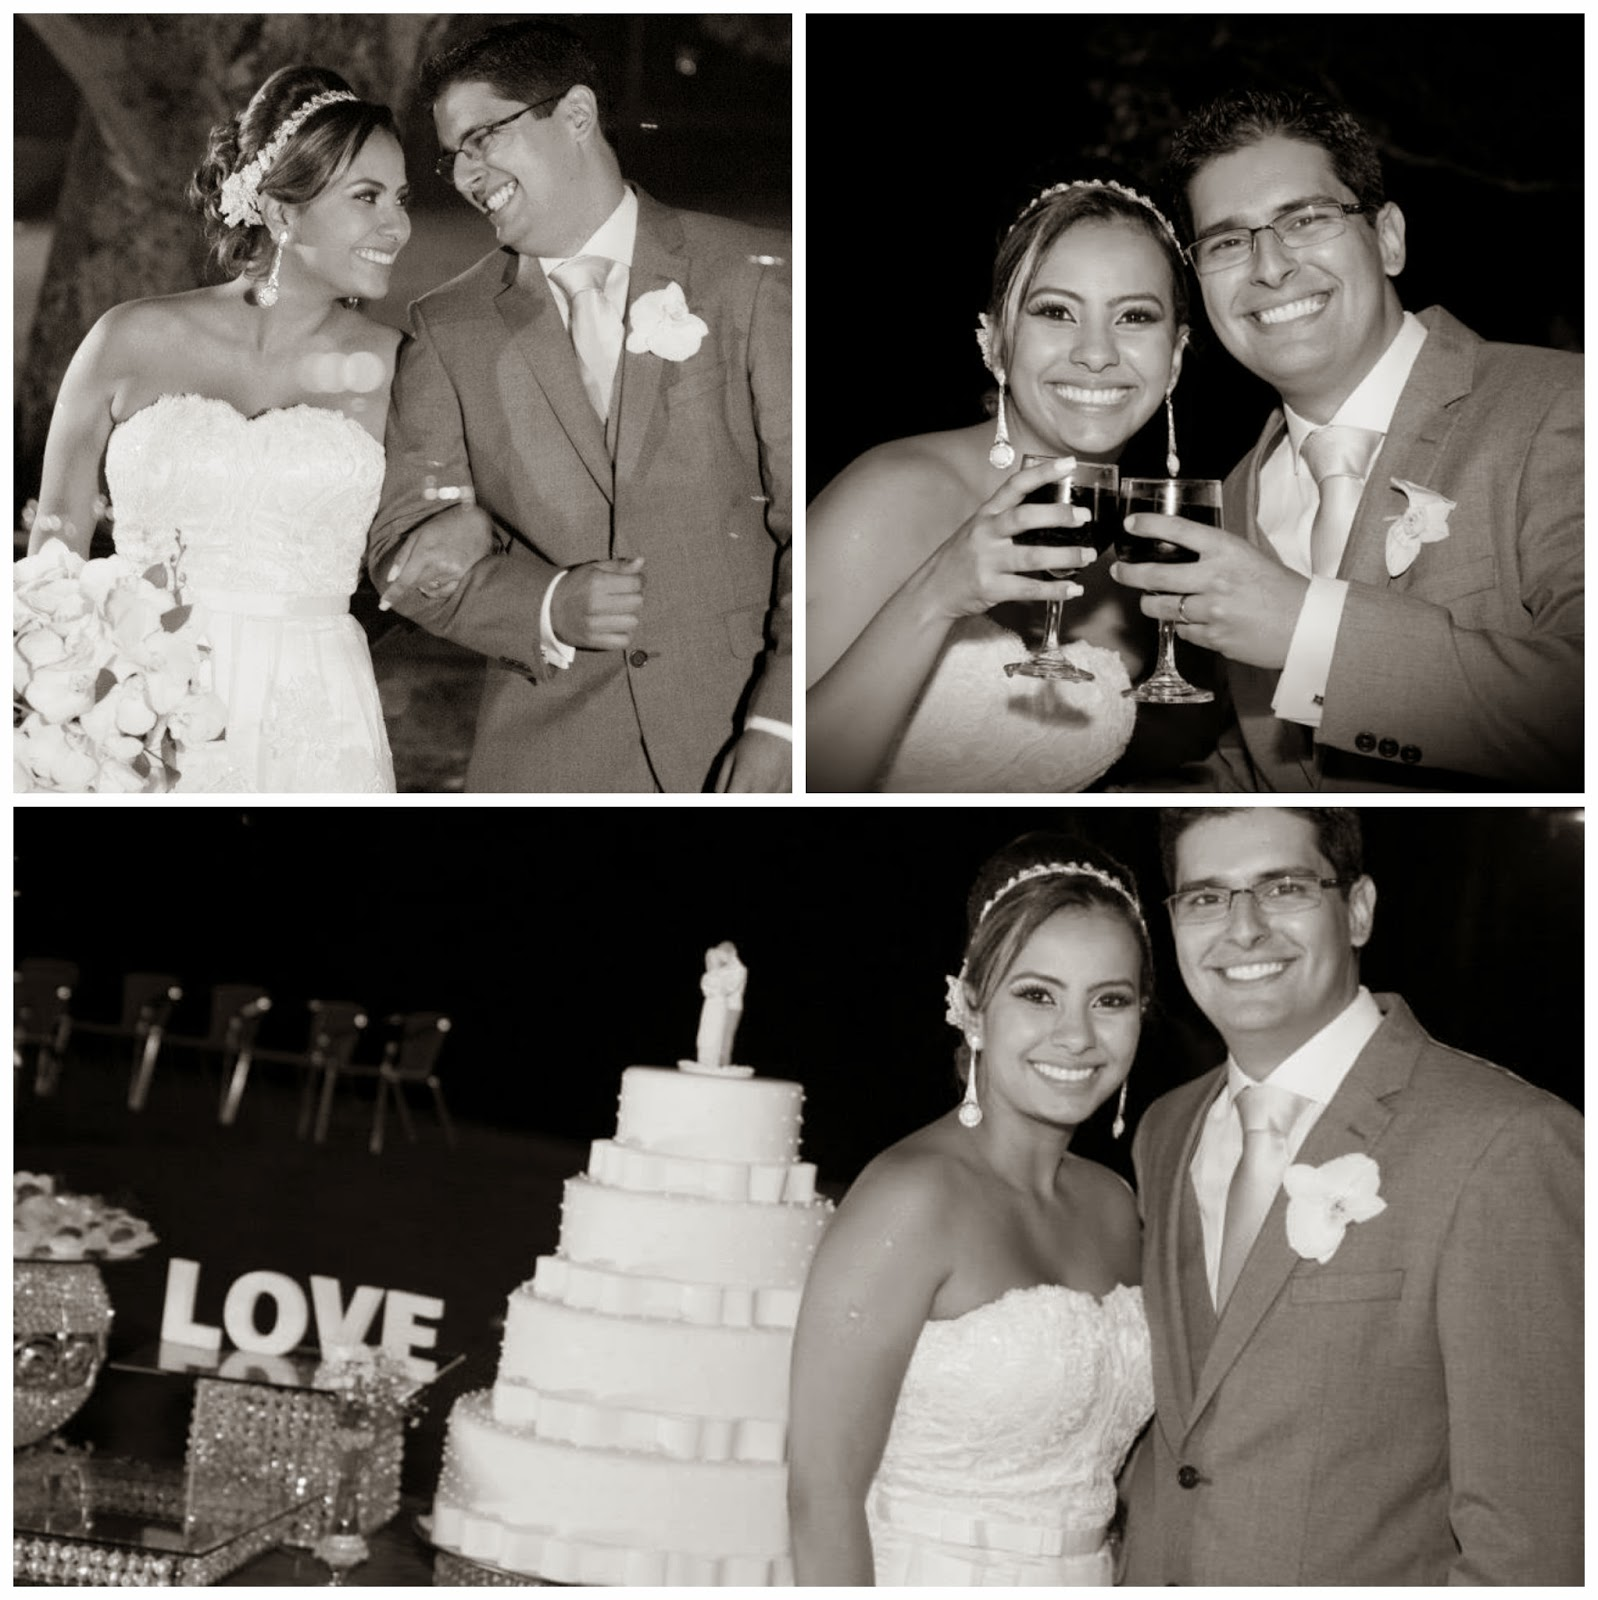 festa - recepção - casamento ao ar livre - casamento a noite - noivos - brinde - corte do bolo - bolo - mesa do bolo - palavra love - palavras em mdf